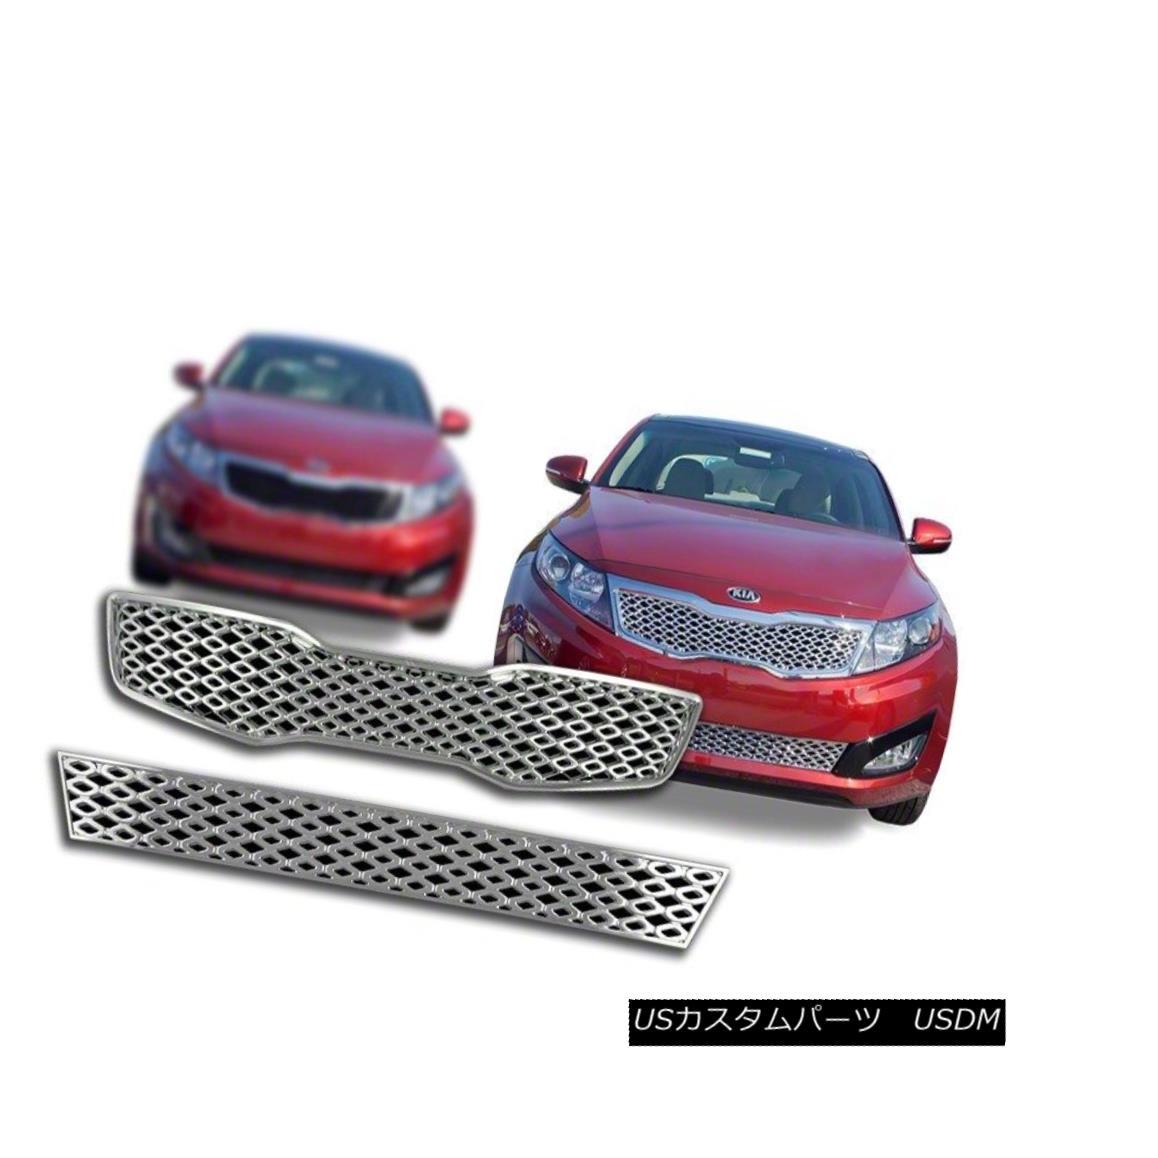 グリル FITS 11-13 Kia Optima Chrome Grille Overlay IWCGI112 FITS 11-13 Kia OptimaクロームグリルオーバーレイIWCGI112